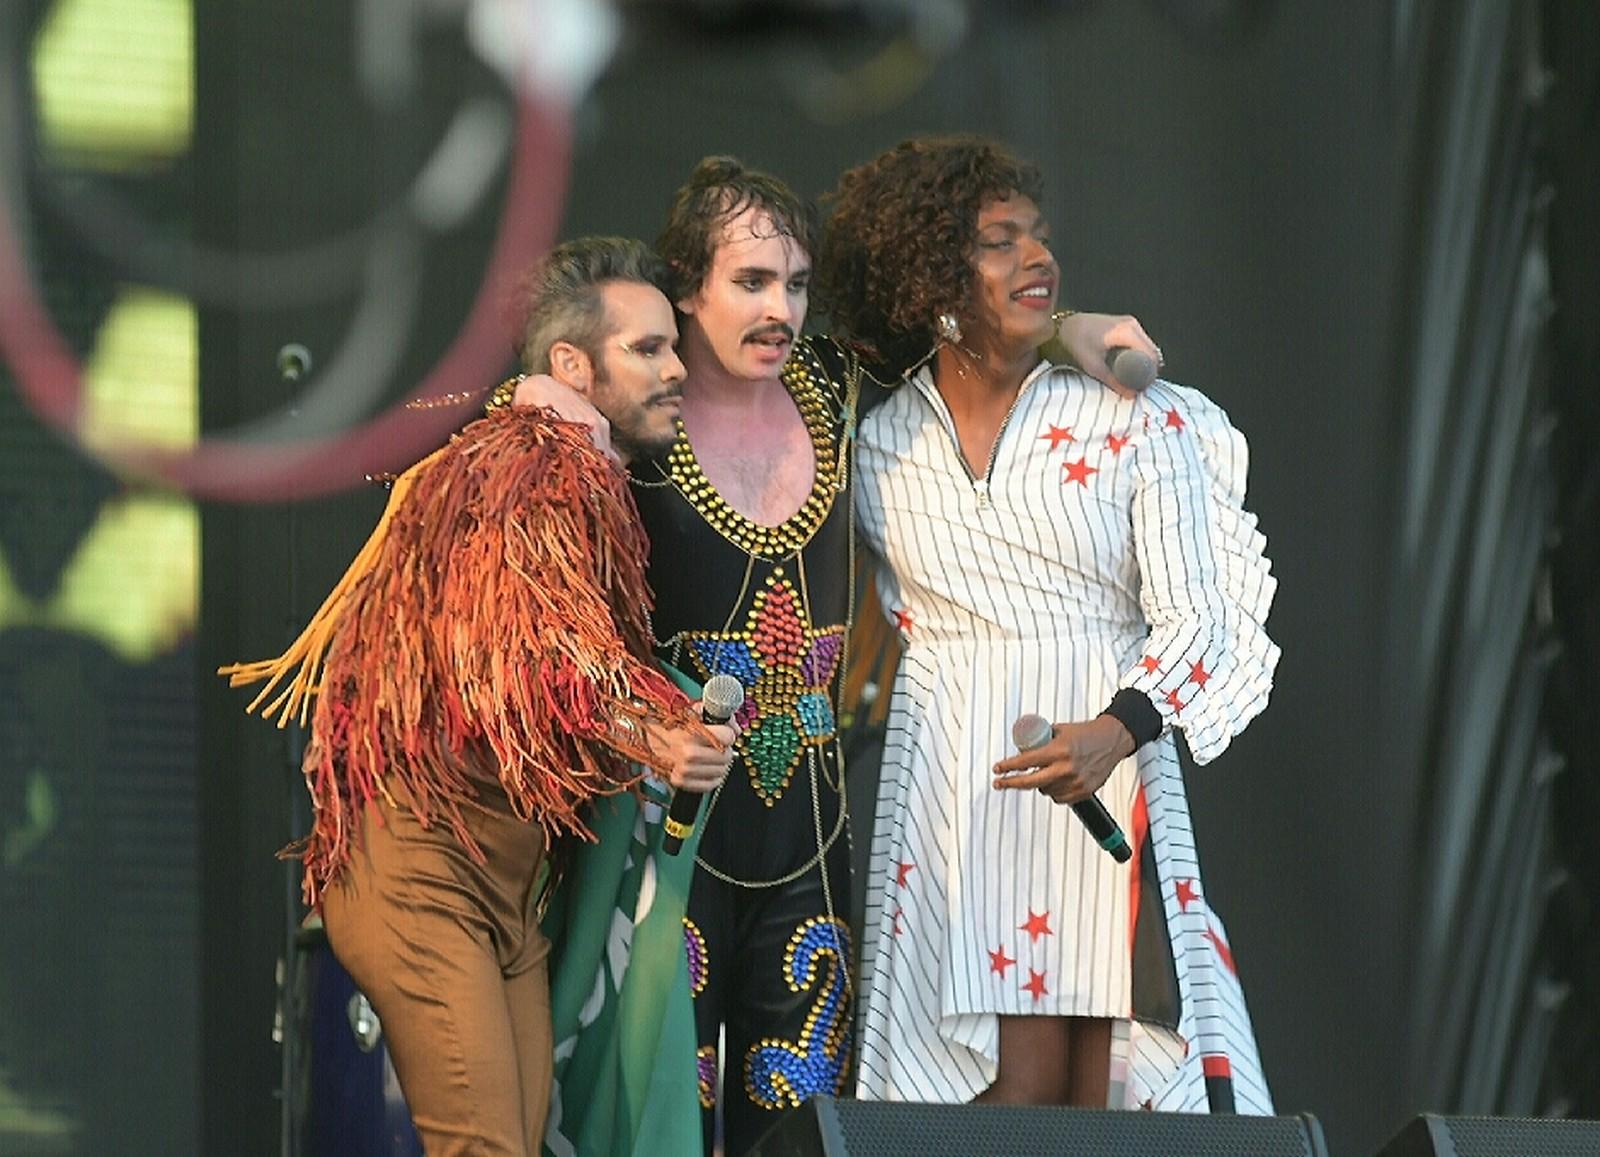 Com beijão, Johnny Hooker e Liniker protestam contra LGBTfobia no Rock In Rio